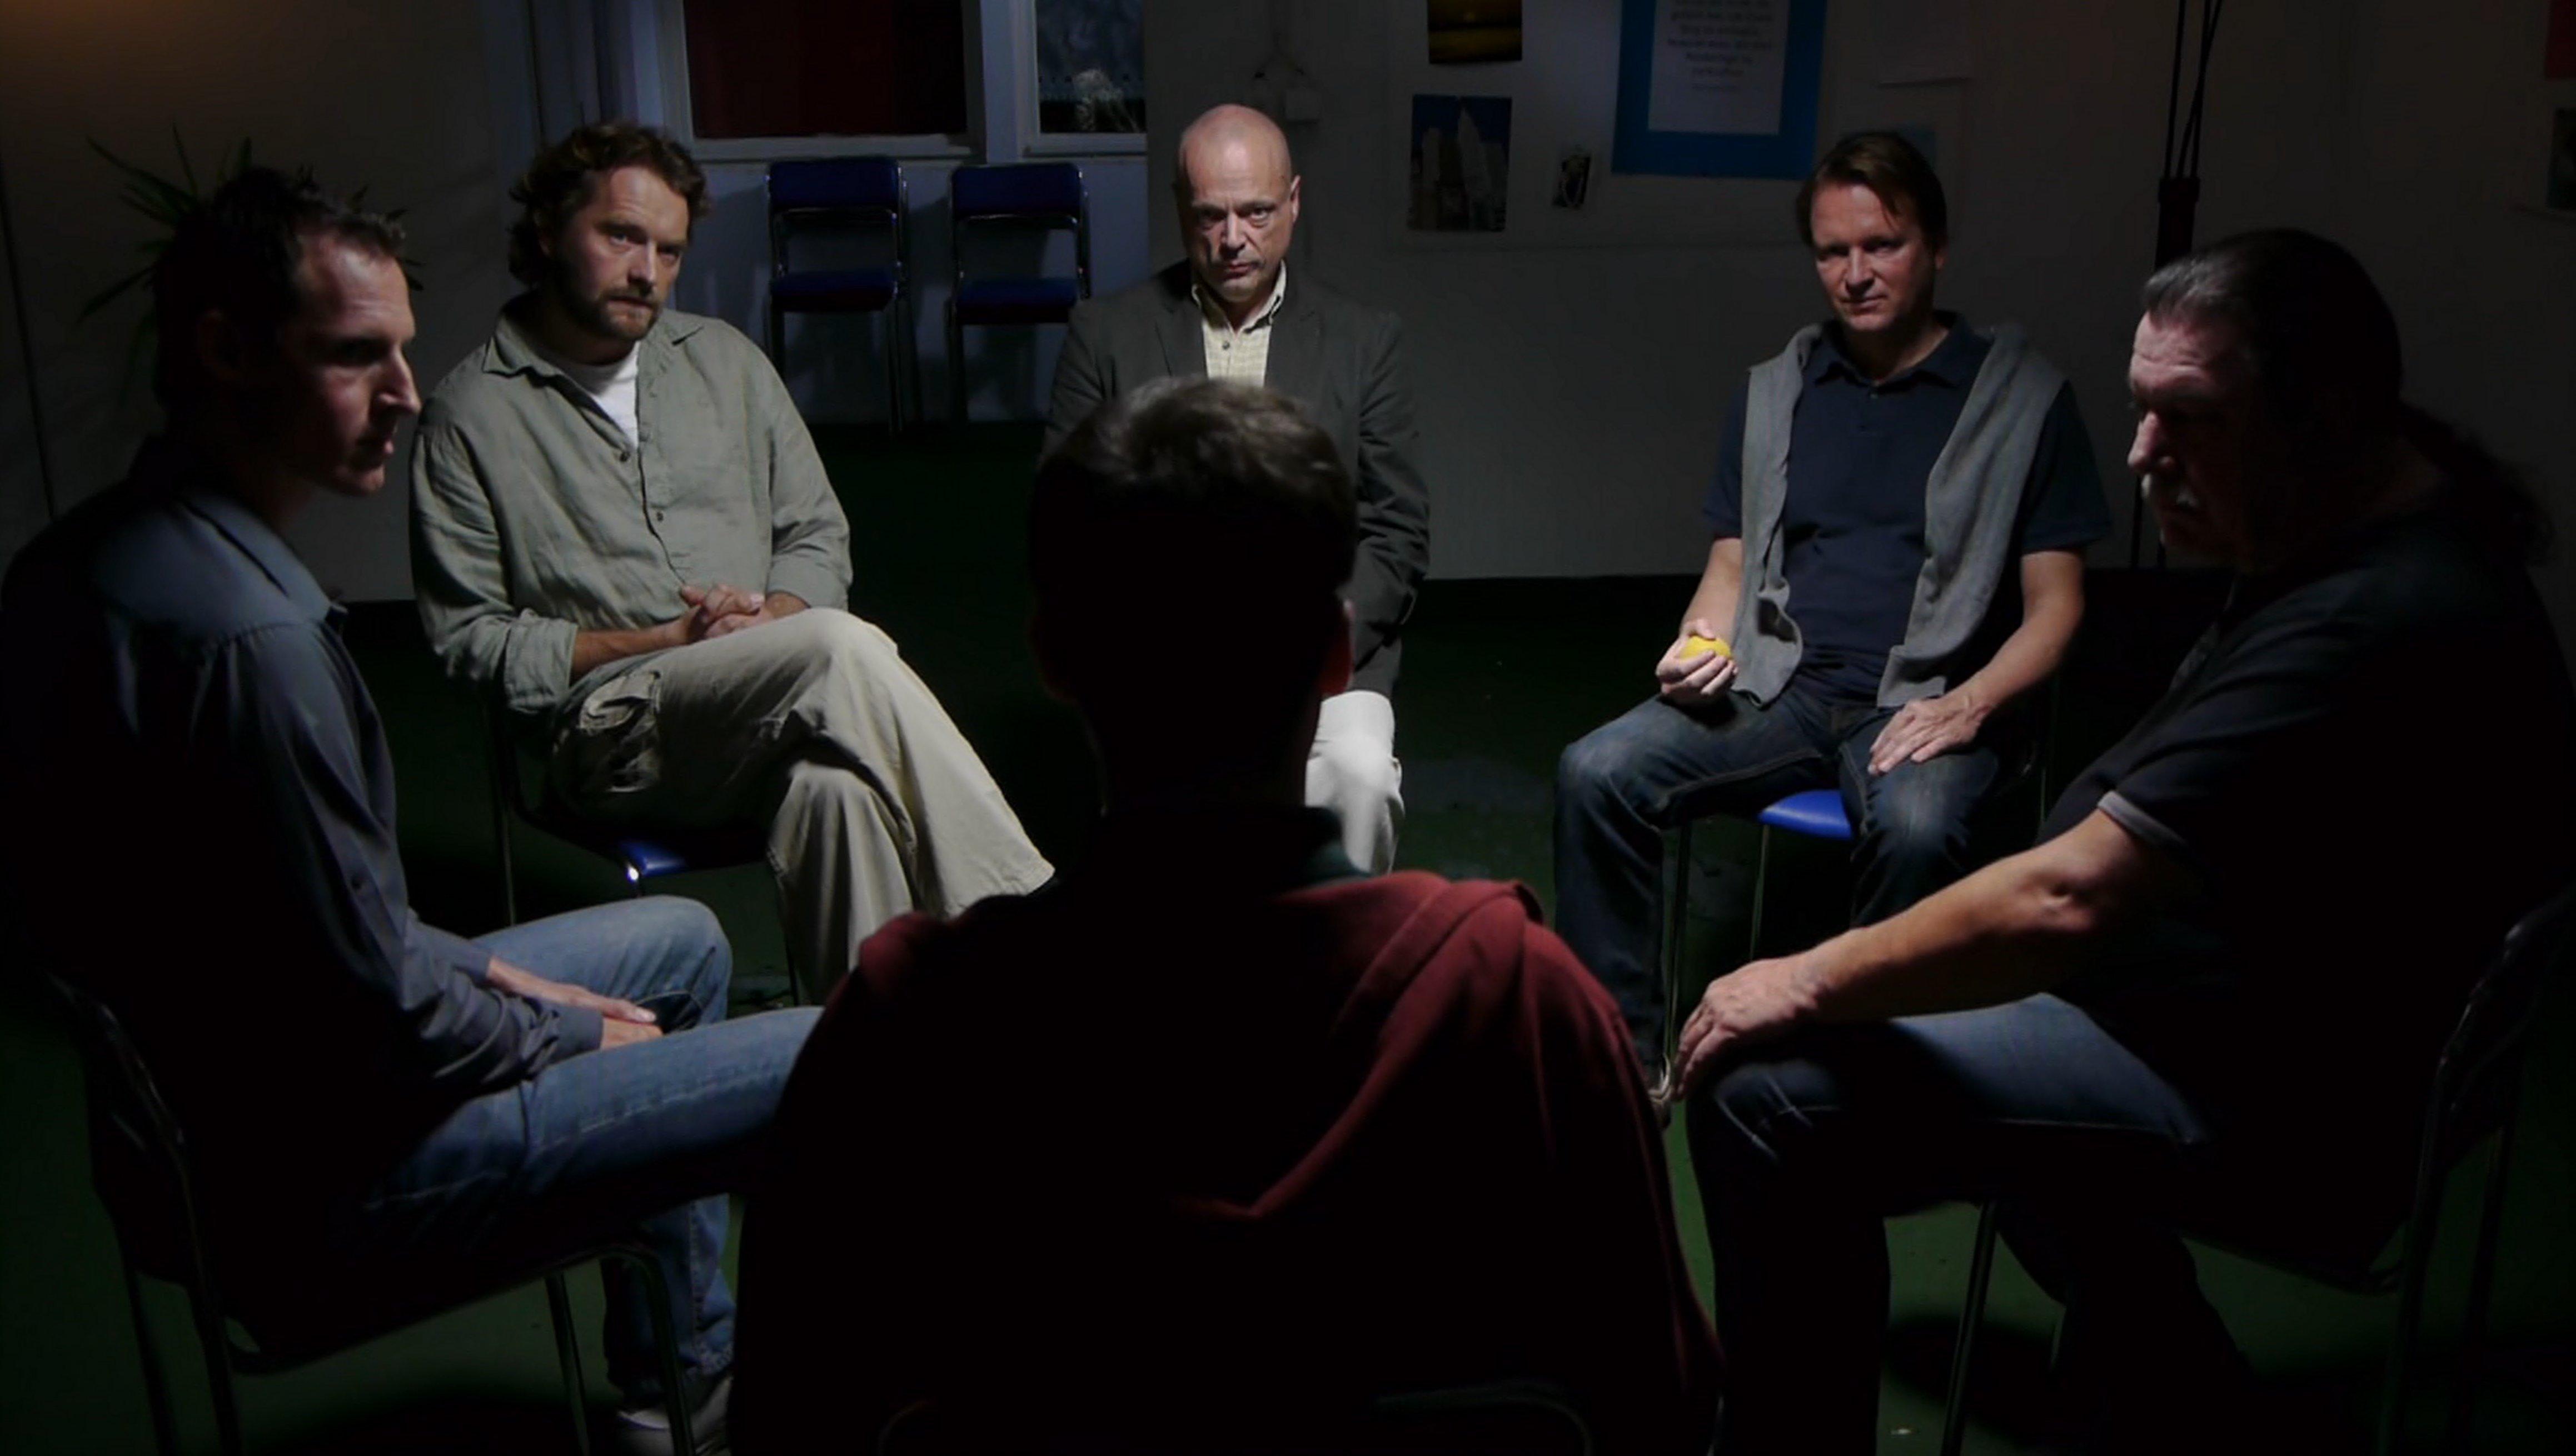 Grupinė terapija padeda įveikti gėdą ir uždarumą.